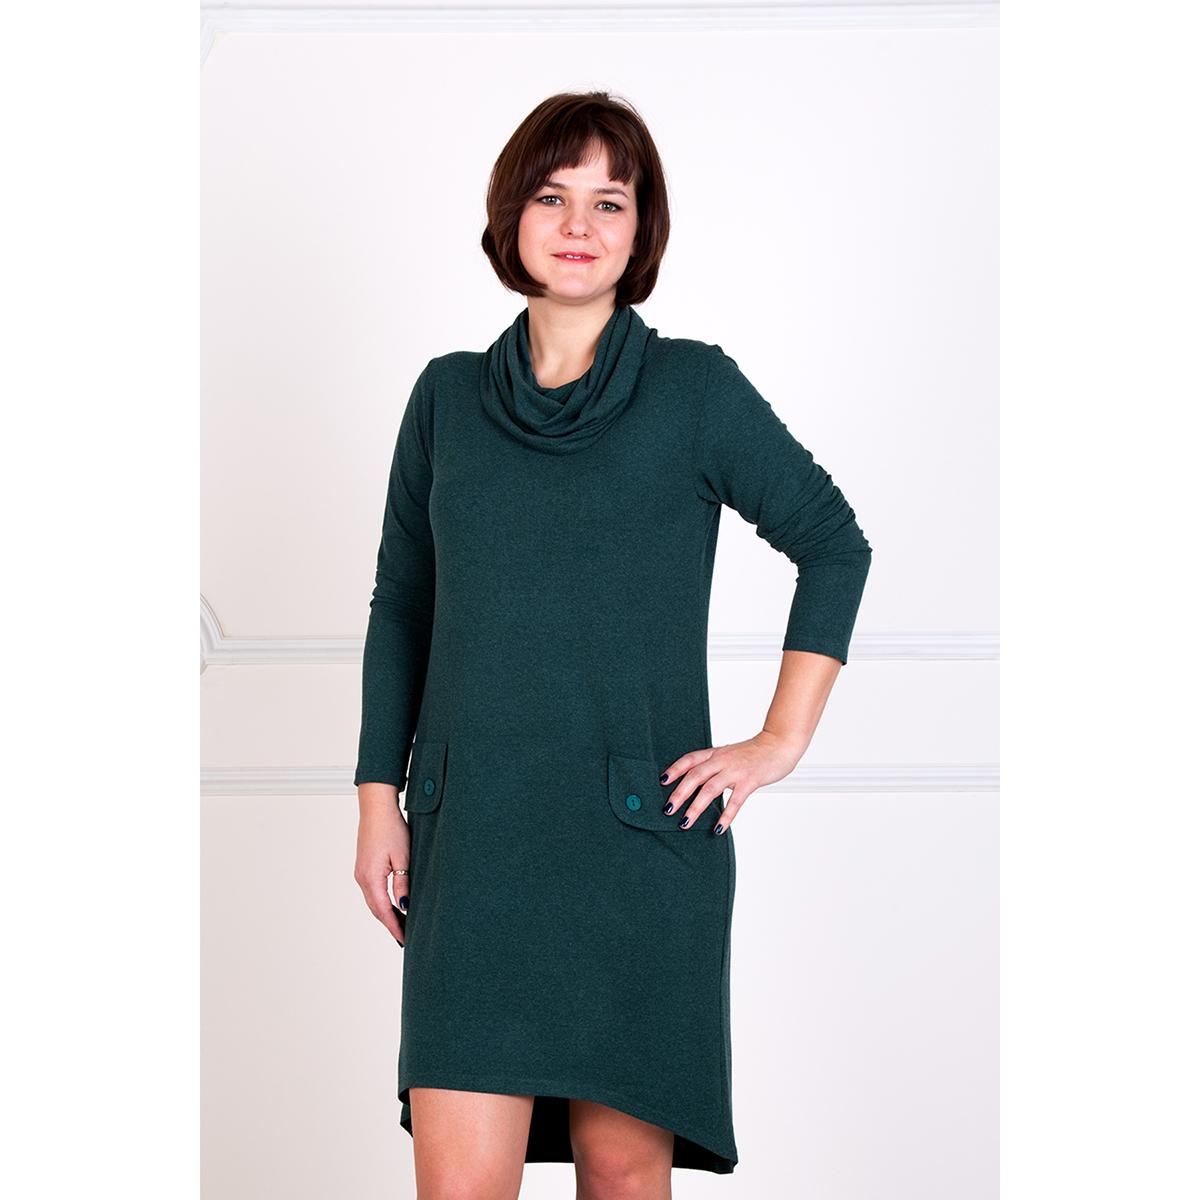 Женское платье Джоли, размер 44Платья<br>Обхват груди:88 см<br>Обхват талии:68 см<br>Обхват бедер:96 см<br>Рост:167 см<br><br>Тип: Жен. платье<br>Размер: 44<br>Материал: Ангора